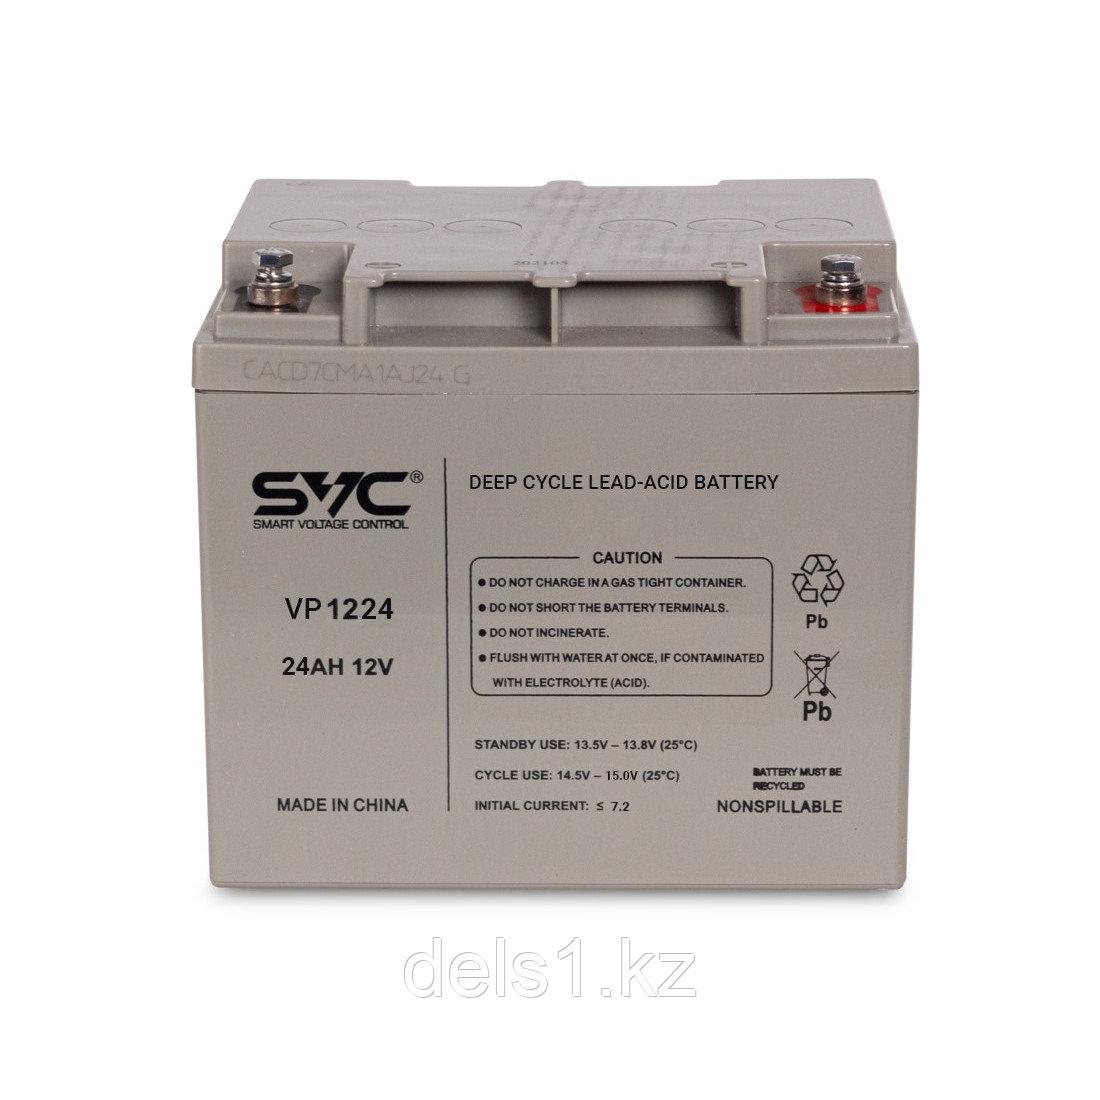 Батарея, SVC, Свинцово-кислотная VP1224 12В 24 Ач, Размер в мм.: 165*125*175